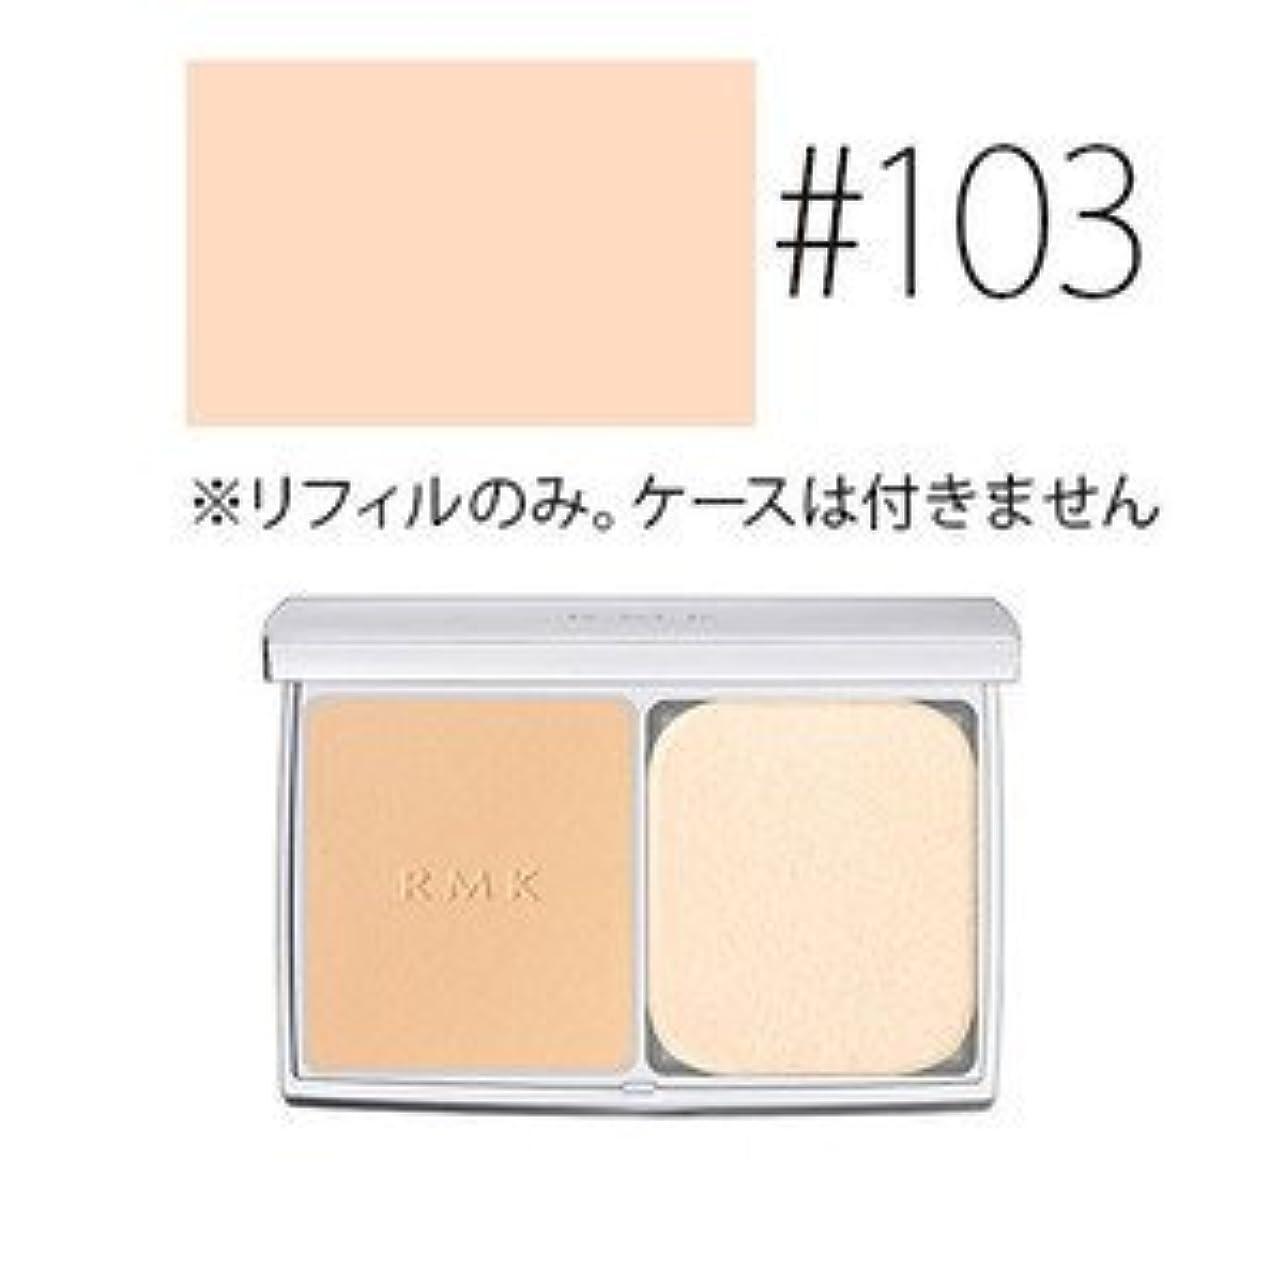 乳パラダイス高さ【RMK (ルミコ)】UVパウダーファンデーション (レフィル) #103L 11g